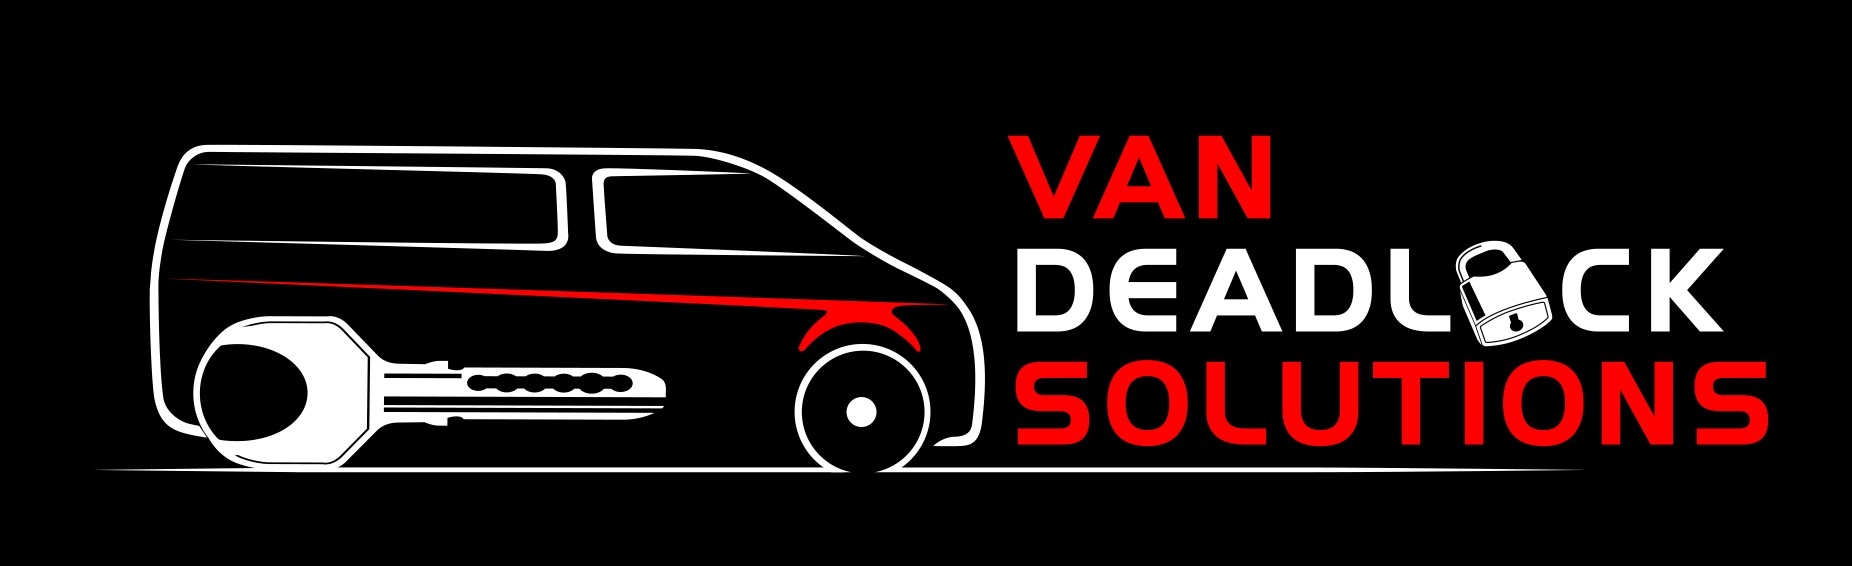 Van-Deadlock-Solutions-Logo-Black